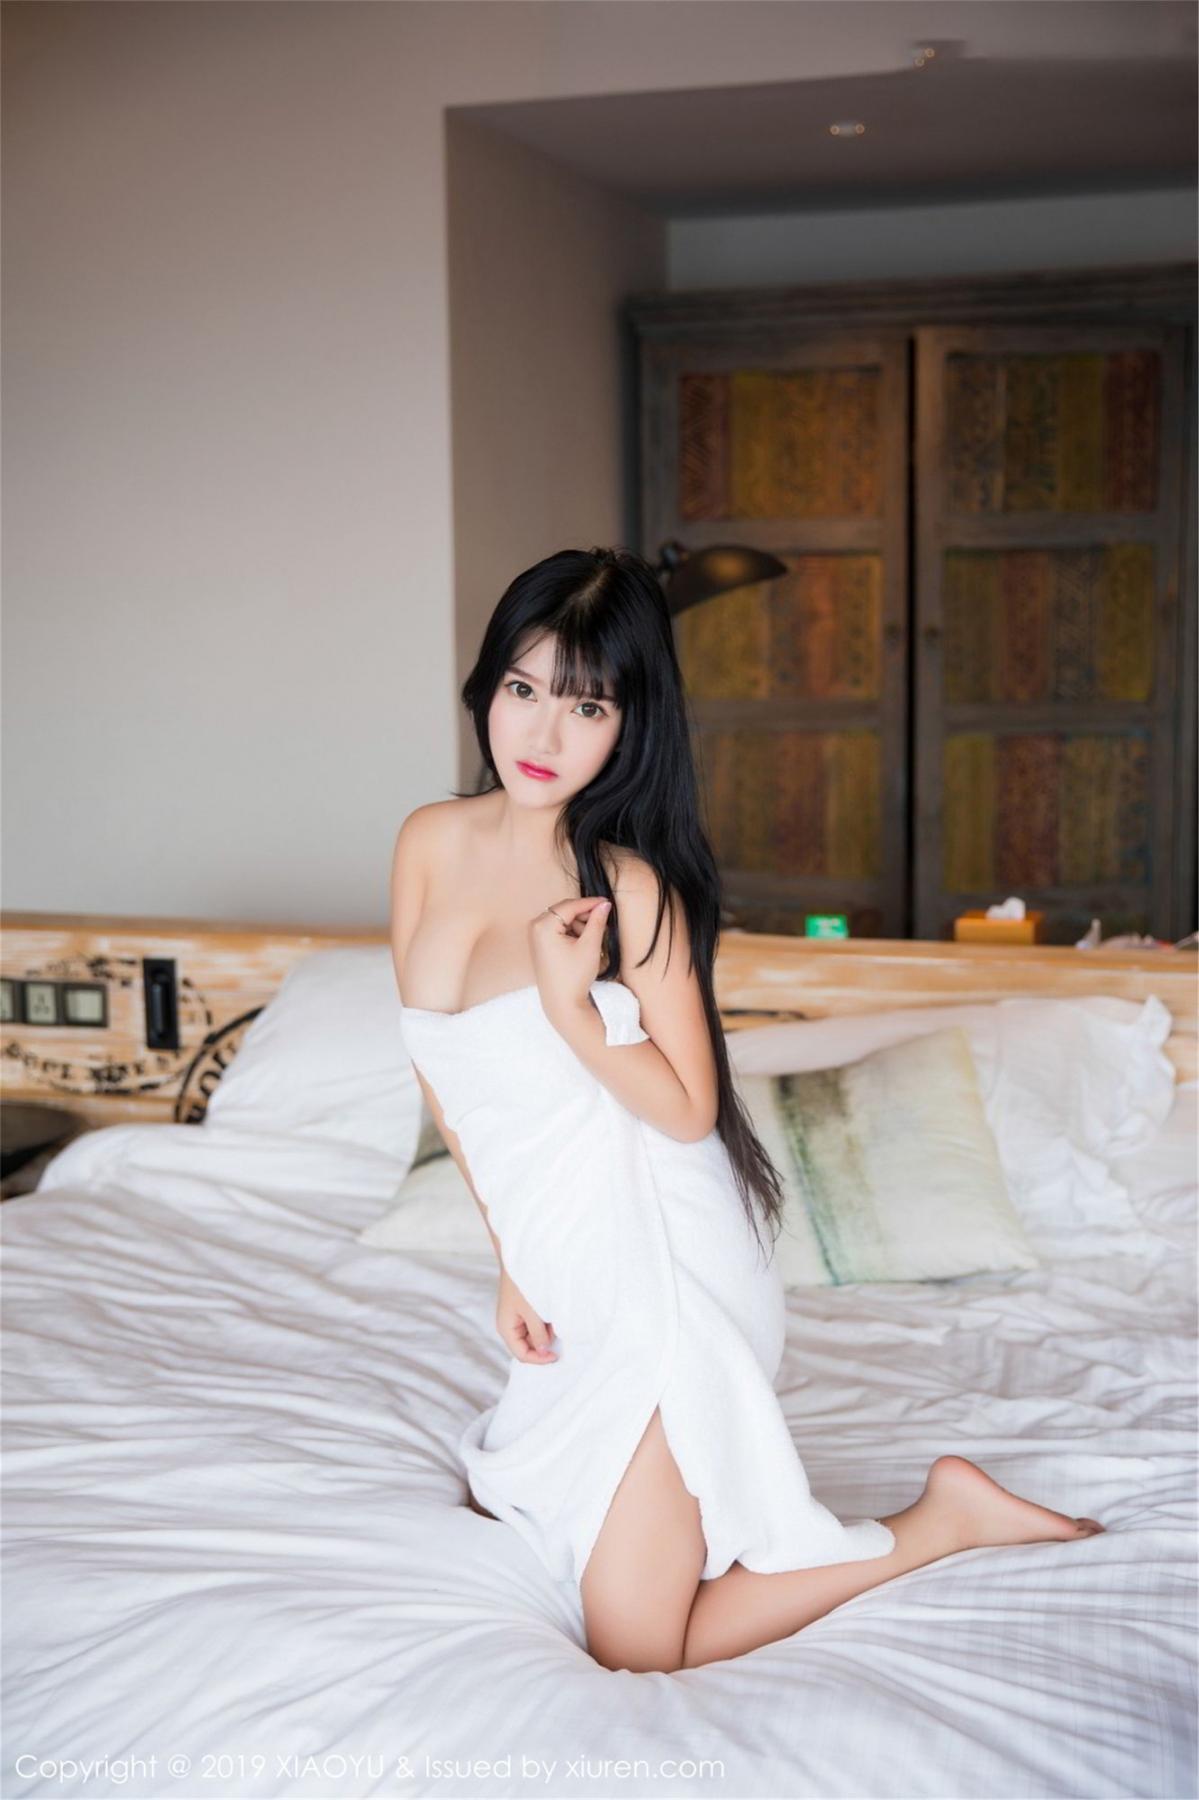 [XiaoYu] Vol.070 Lu Lu Xiao Miao 1P, Baby Face Big Boobs, Lovely, Lu Lu Xiao Miao, XiaoYu